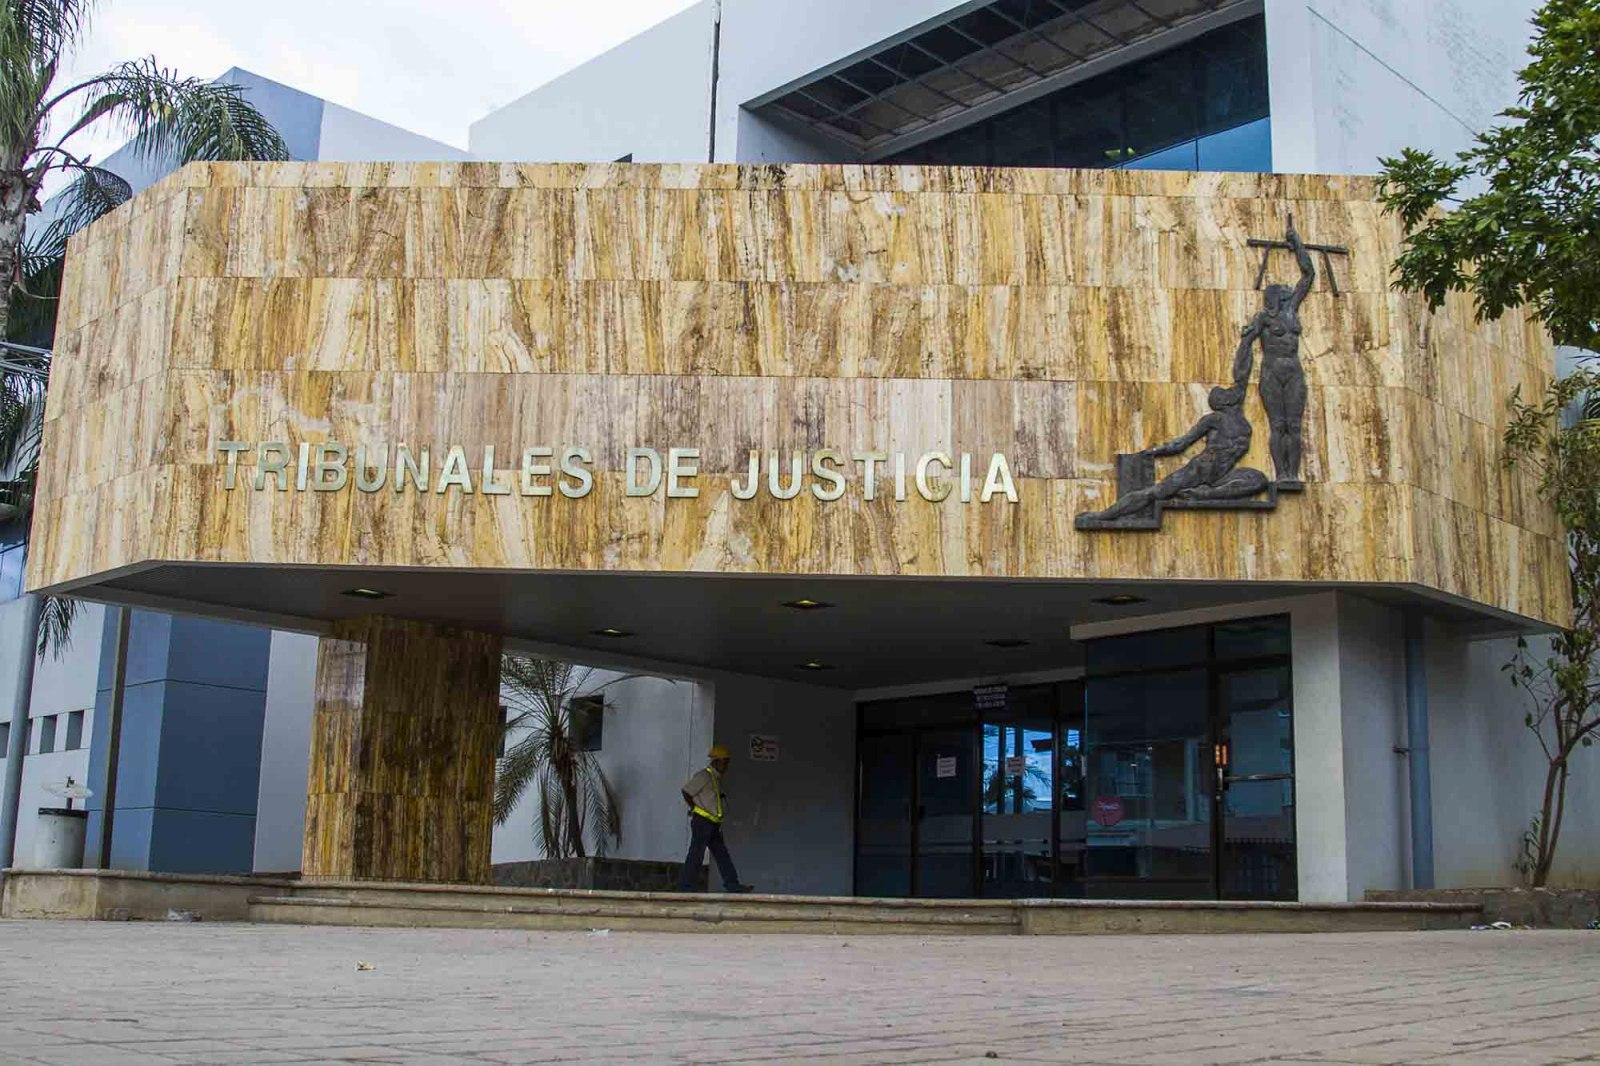 Resultado de imagen para tribunales de justicia en santa cruz